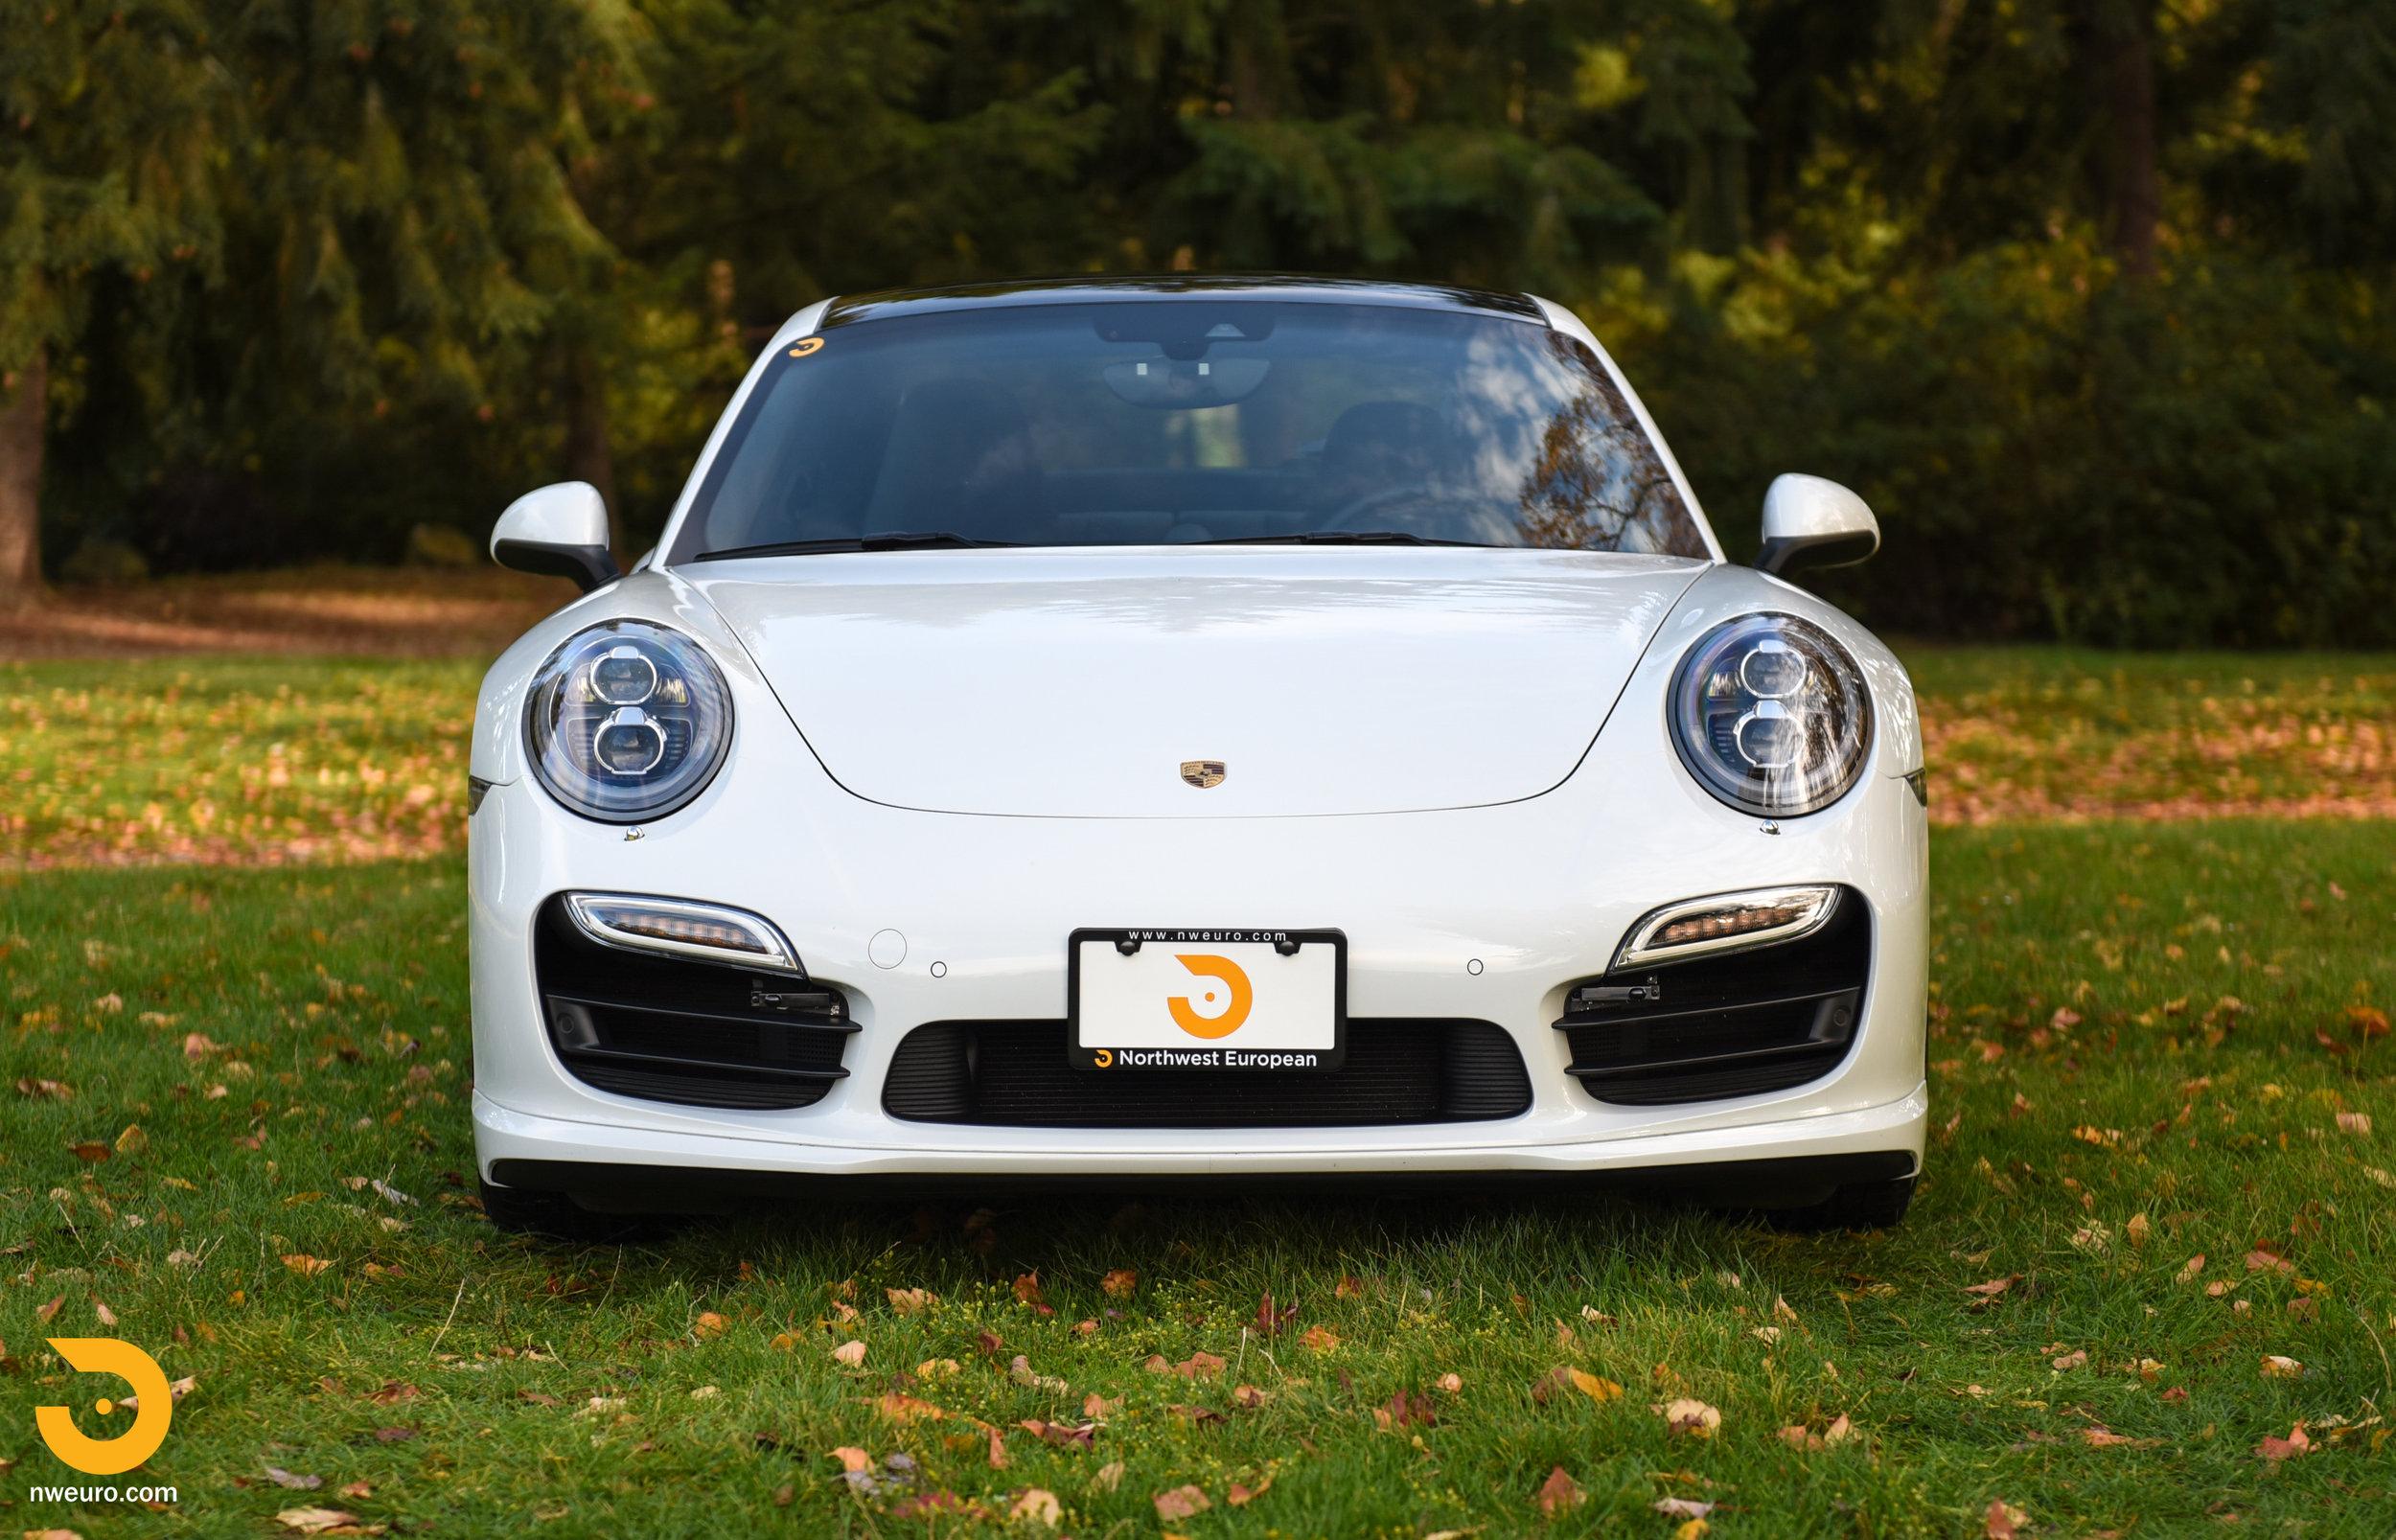 2014 Porsche 911 Turbo-33.jpg